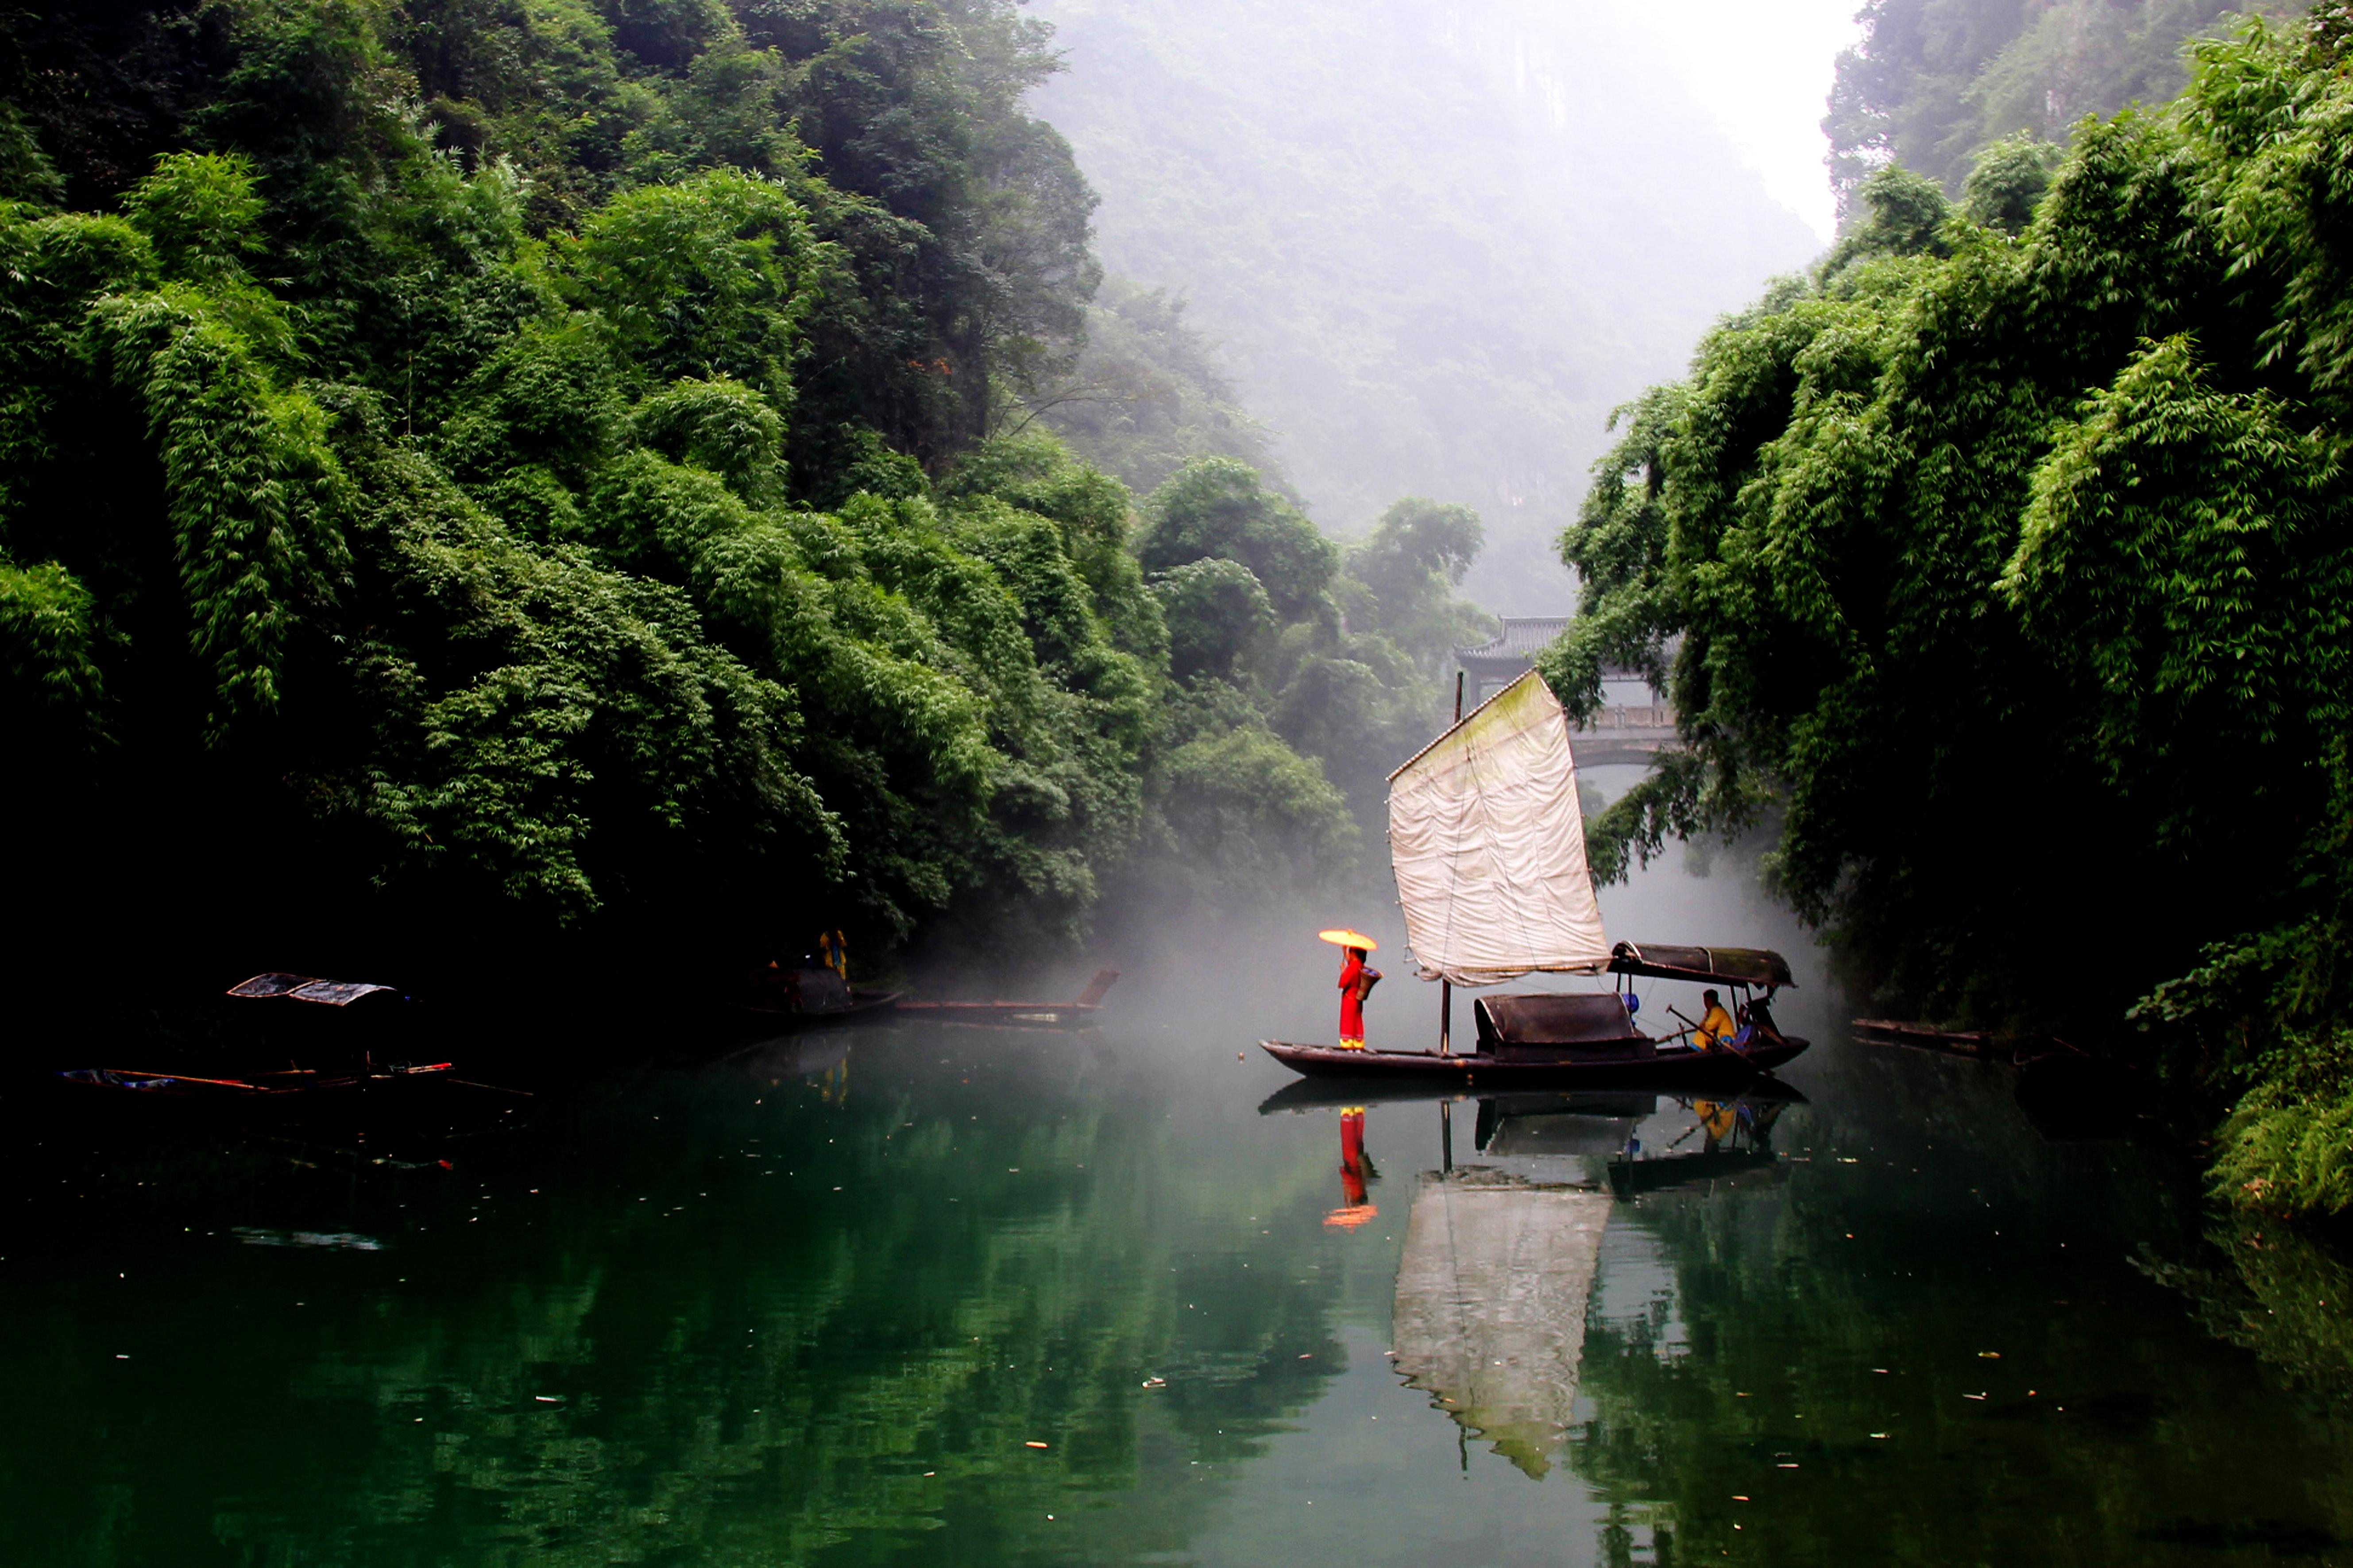 三峡人家一日游(早8点三峡游客中心出发)